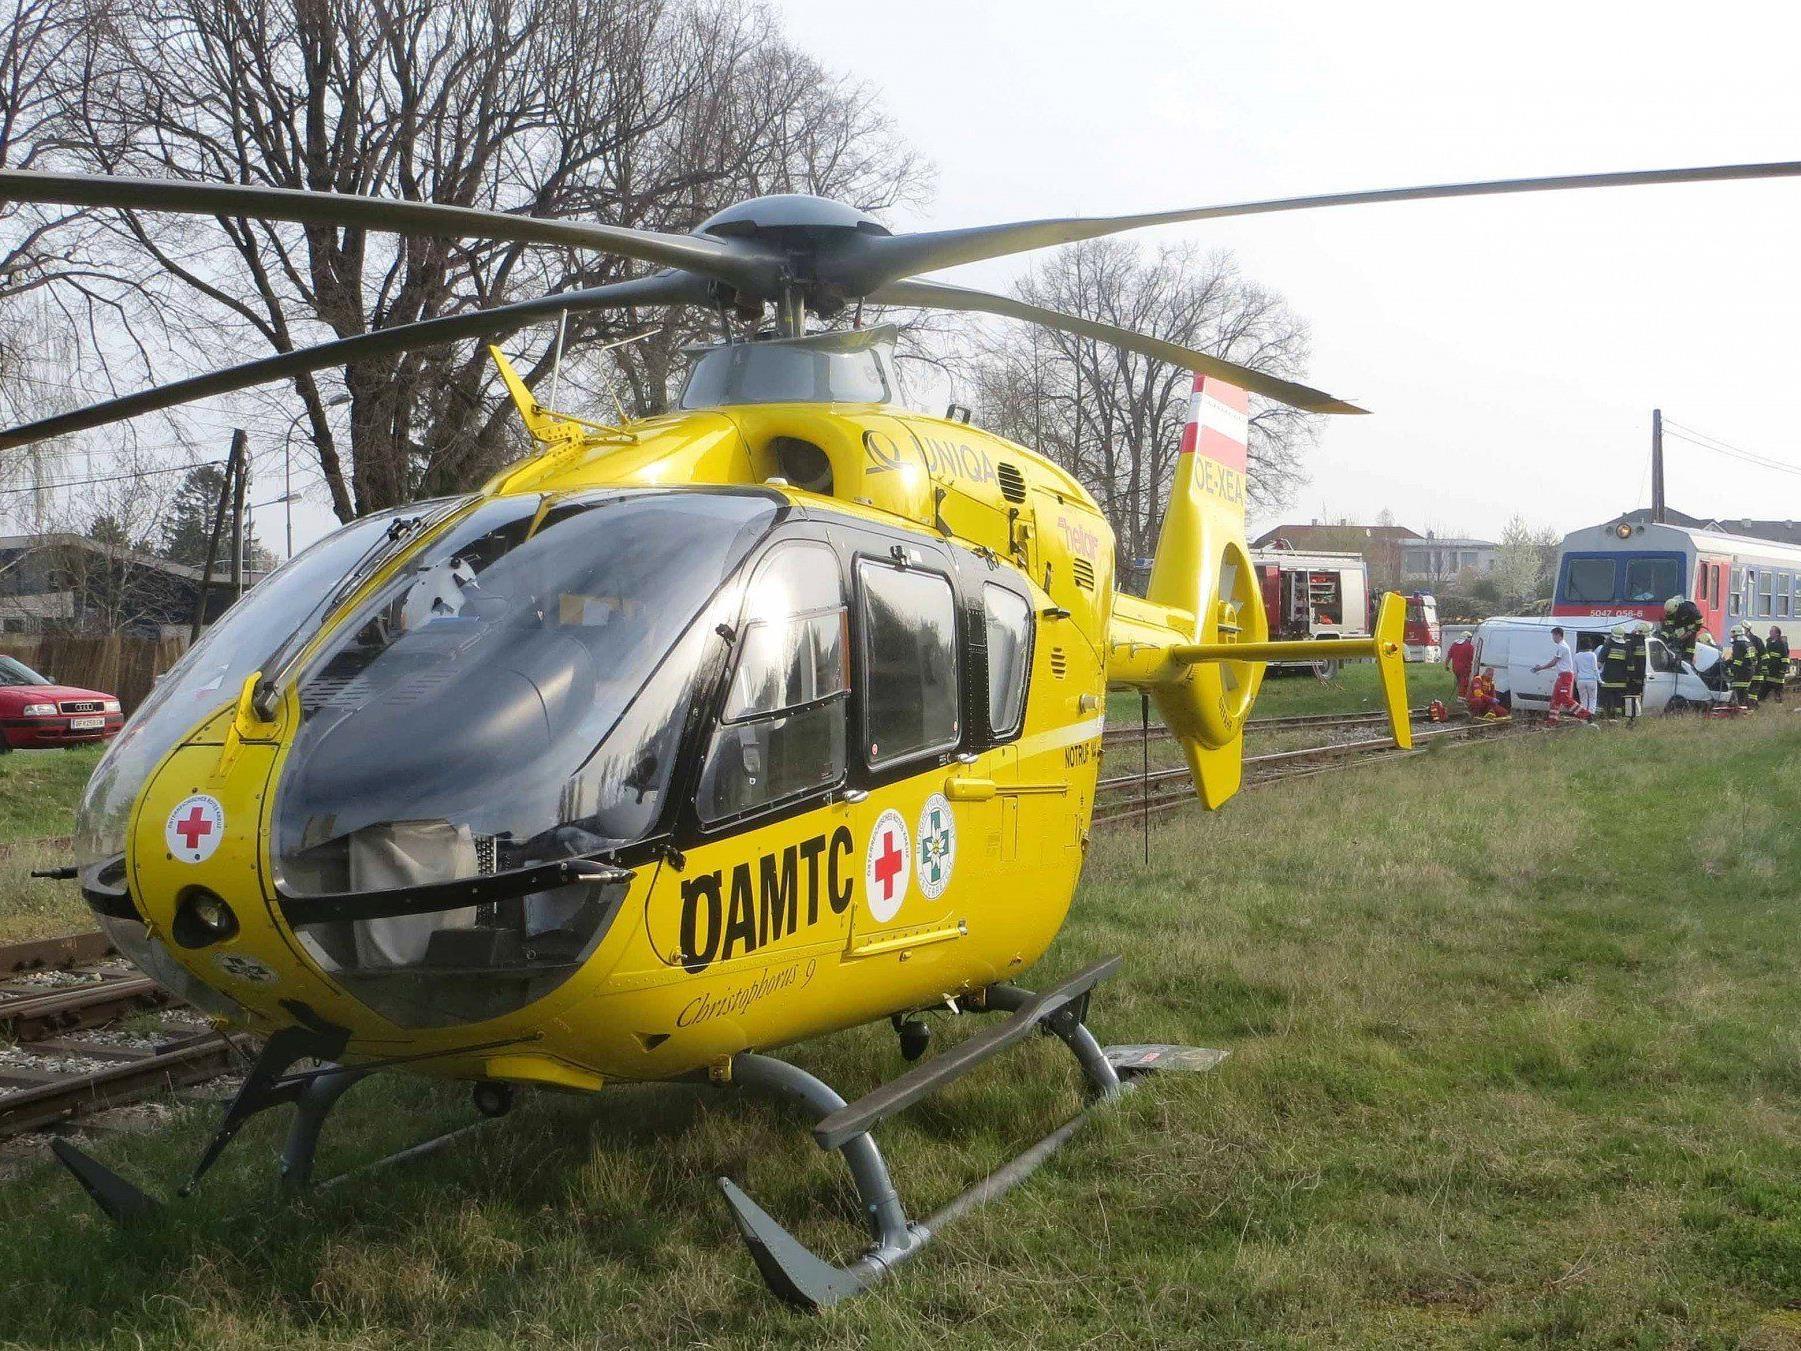 Bei einem Unfall mit einem ÖBB-Triebwagen wurde ein 25-jähriger Autolenker verletzt.